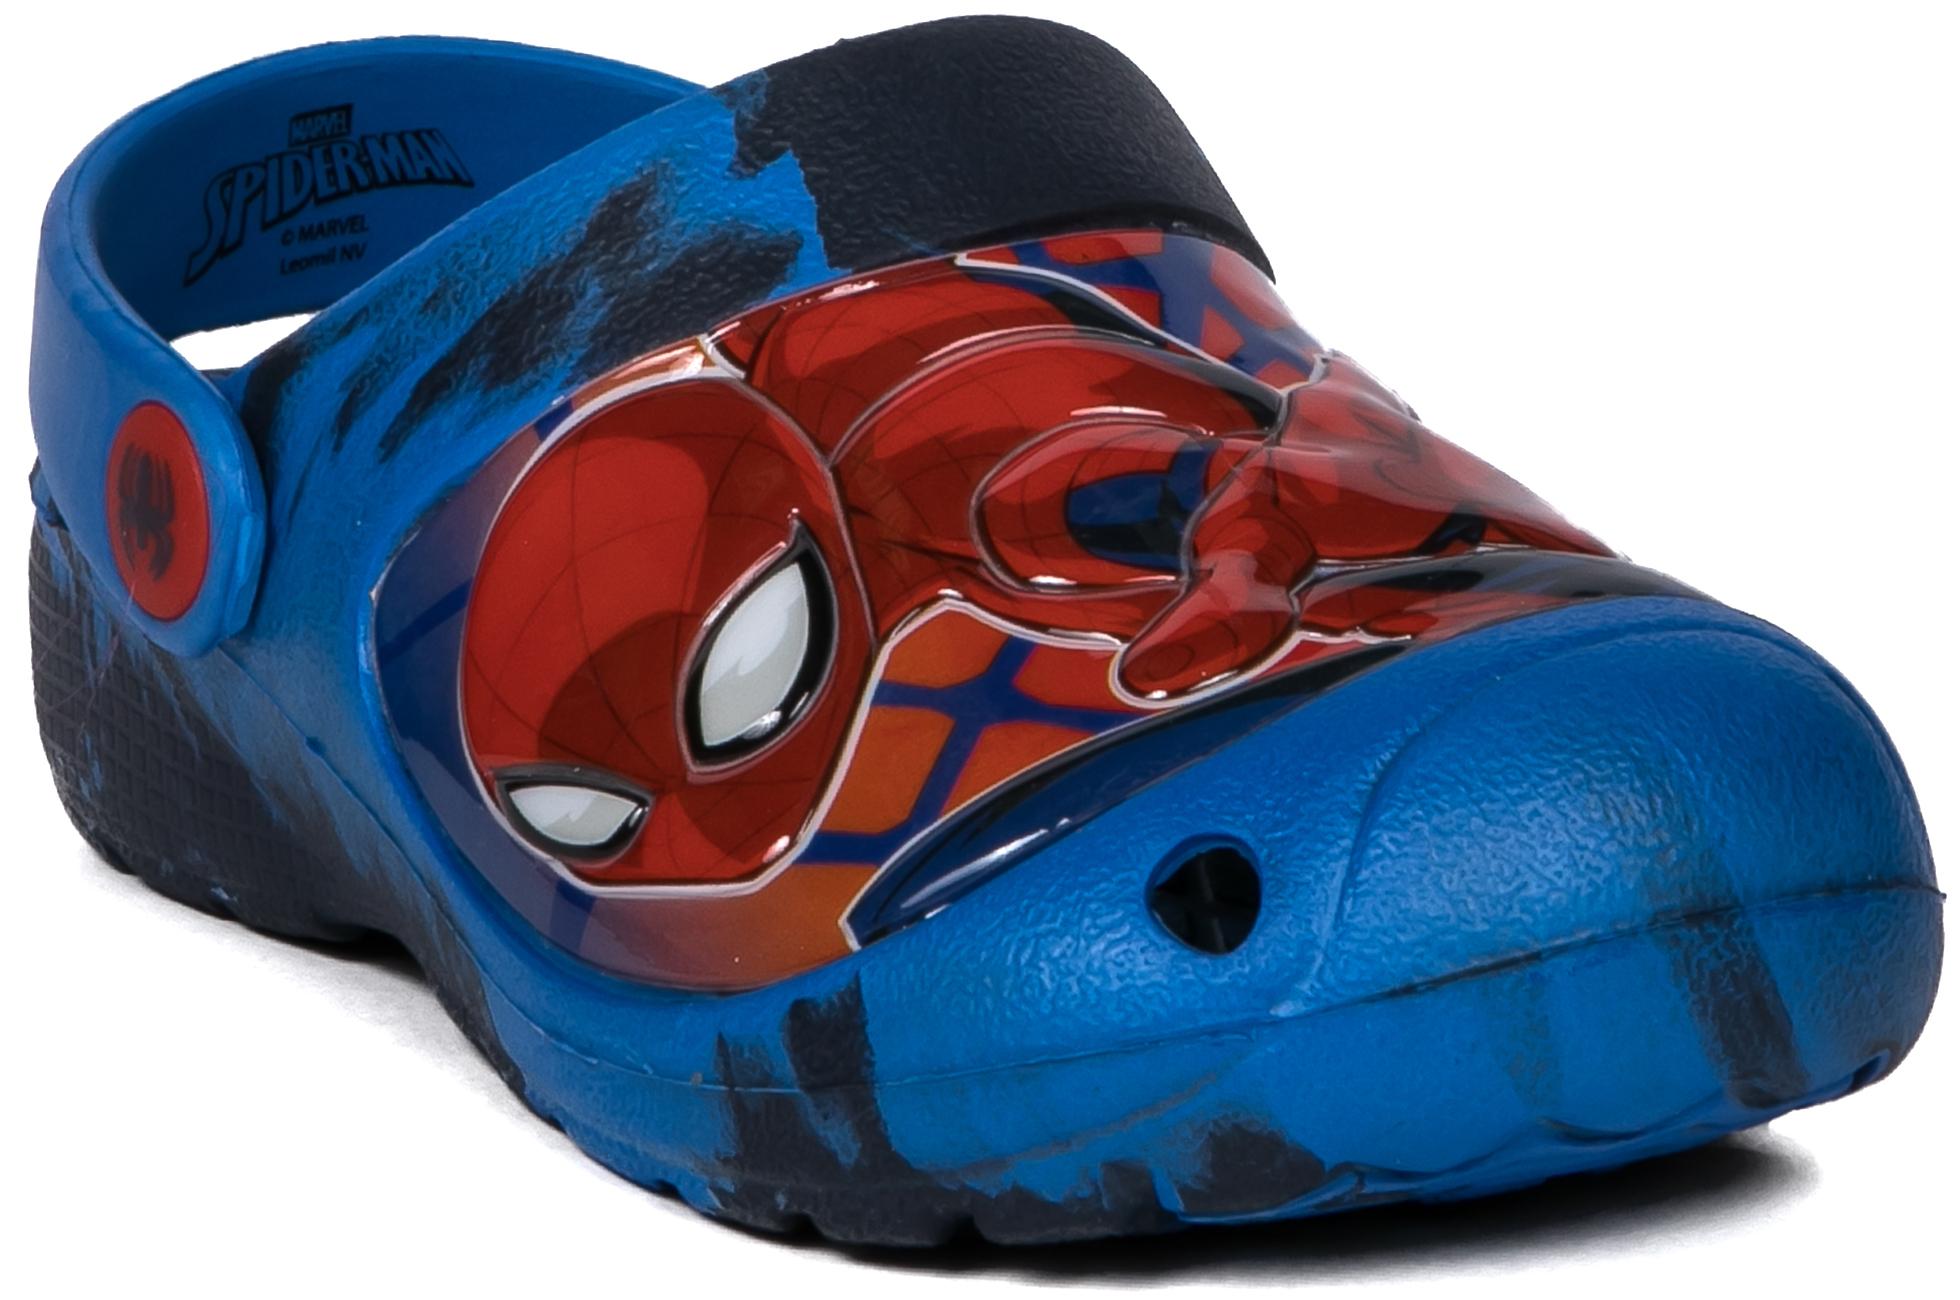 Сланцы (пляжная обувь) Barkito Пантолеты для мальчика для кратковременной носки SPIDER-MAN, синий пантолеты типа сабо для кратковременной носки для мальчика barkito синие